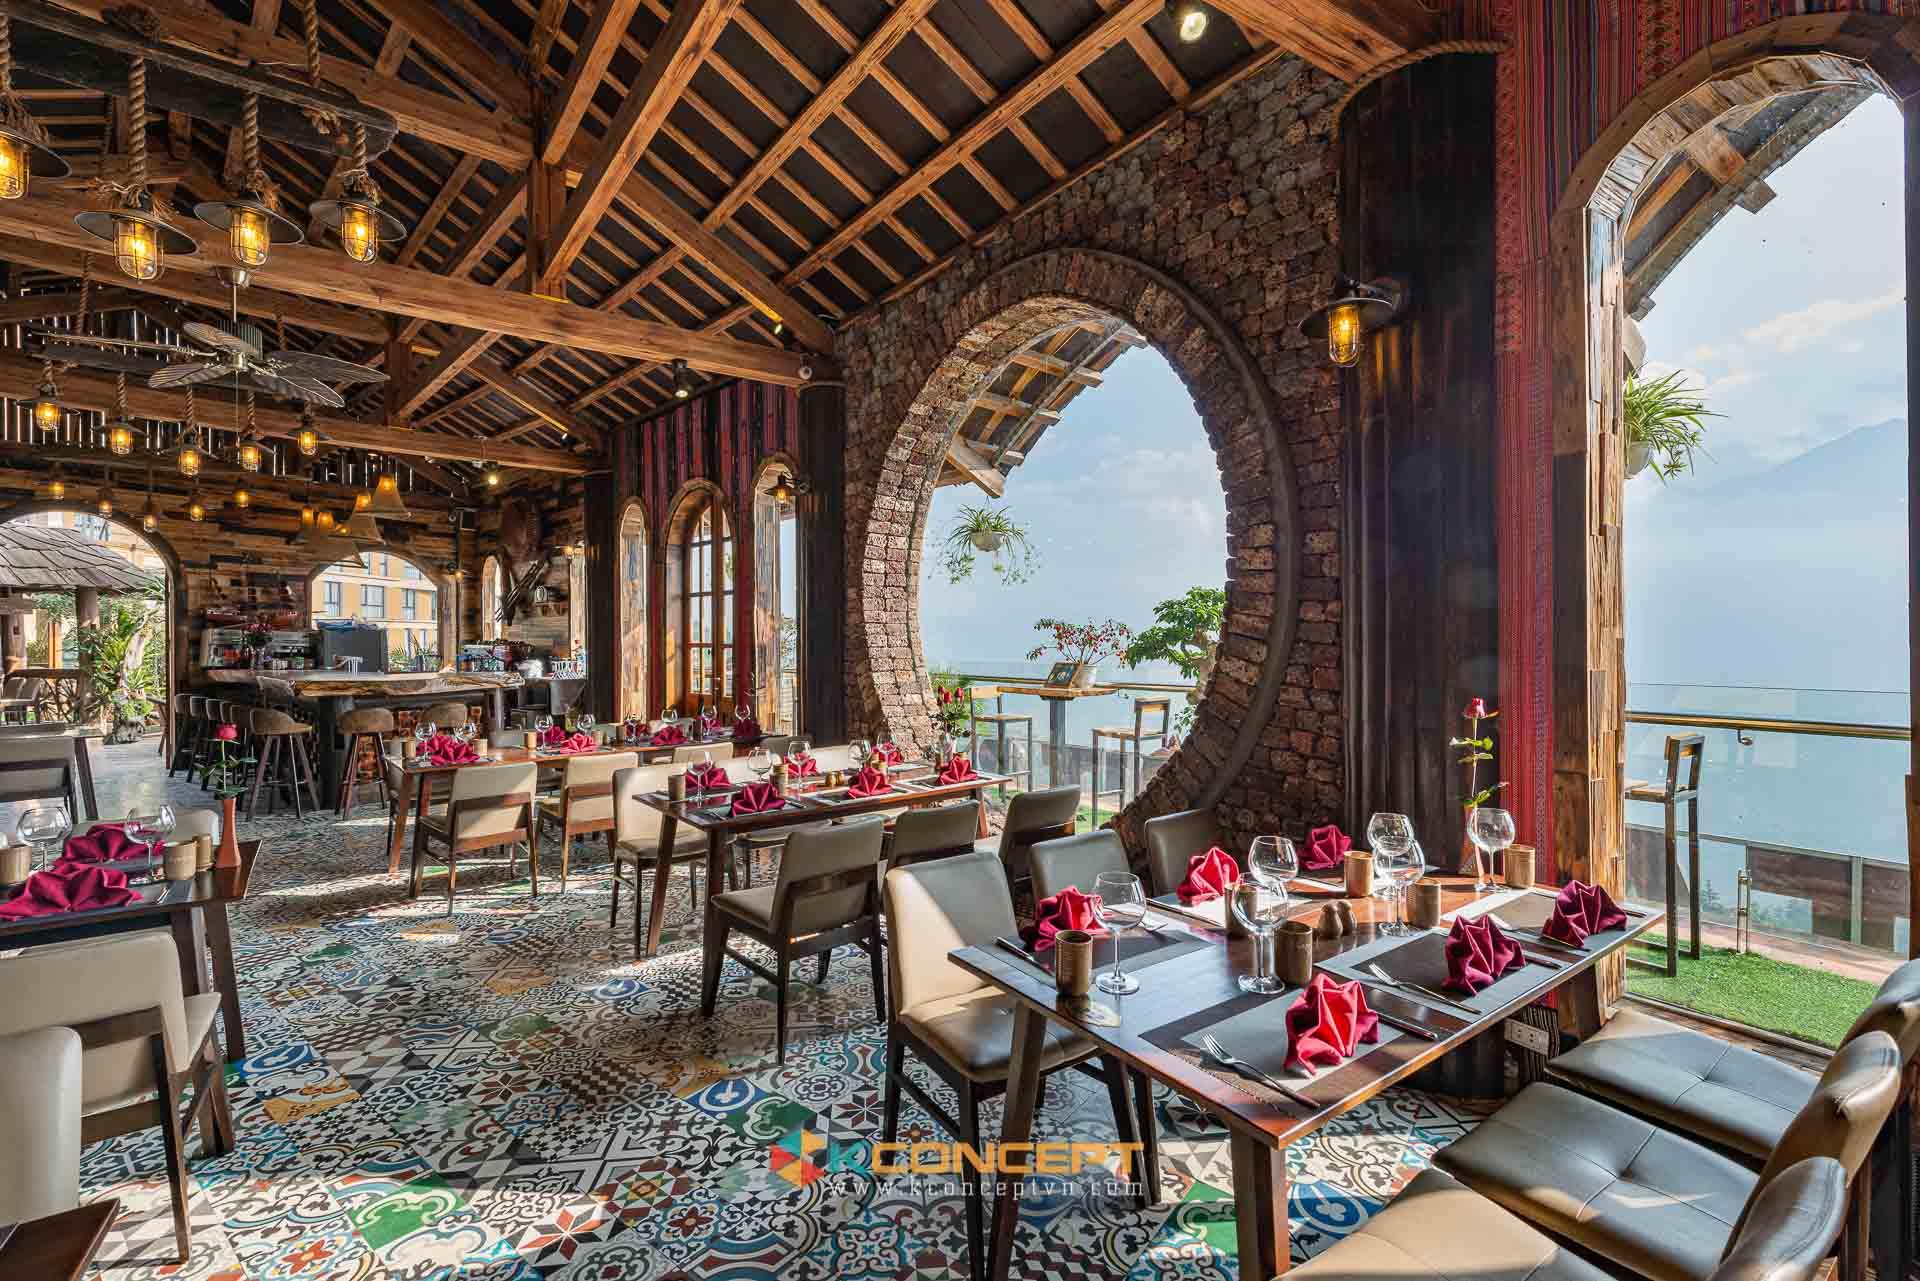 Hình ảnh về dự án chụp ảnh khách sạn nhà hàng Skyview - Khách sạn Châu Long Sapa